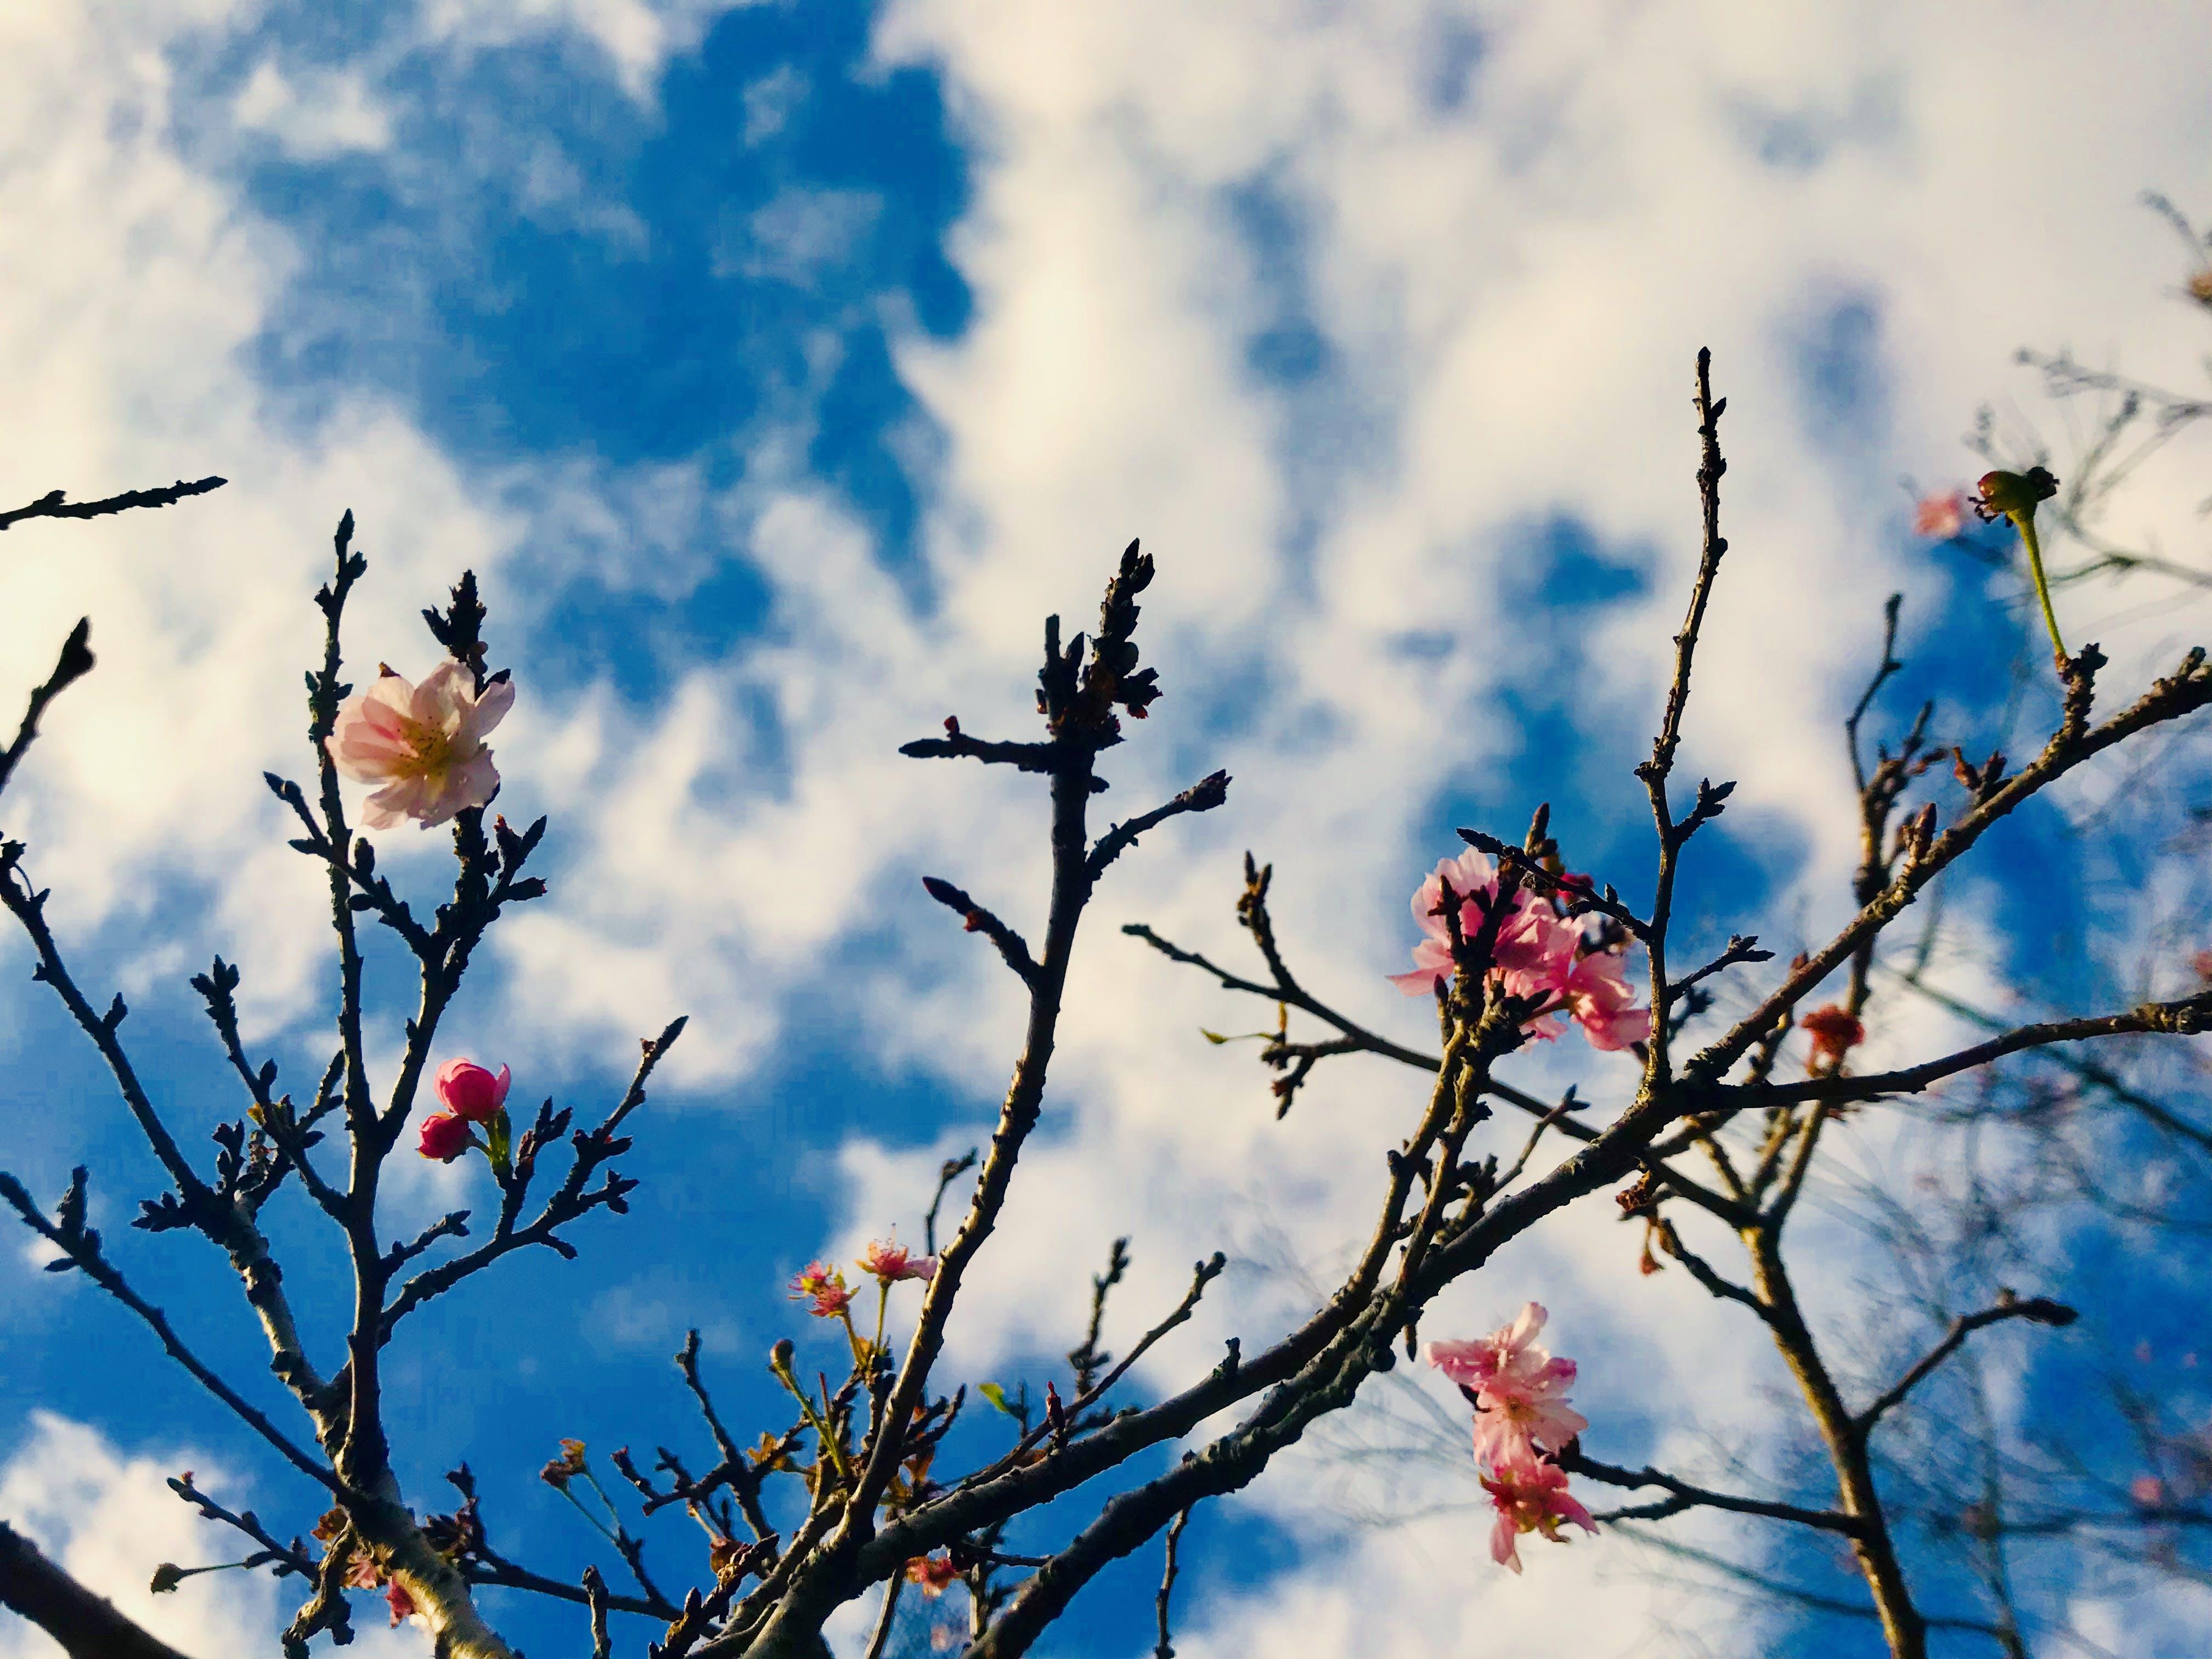 Free stock photo of sakura